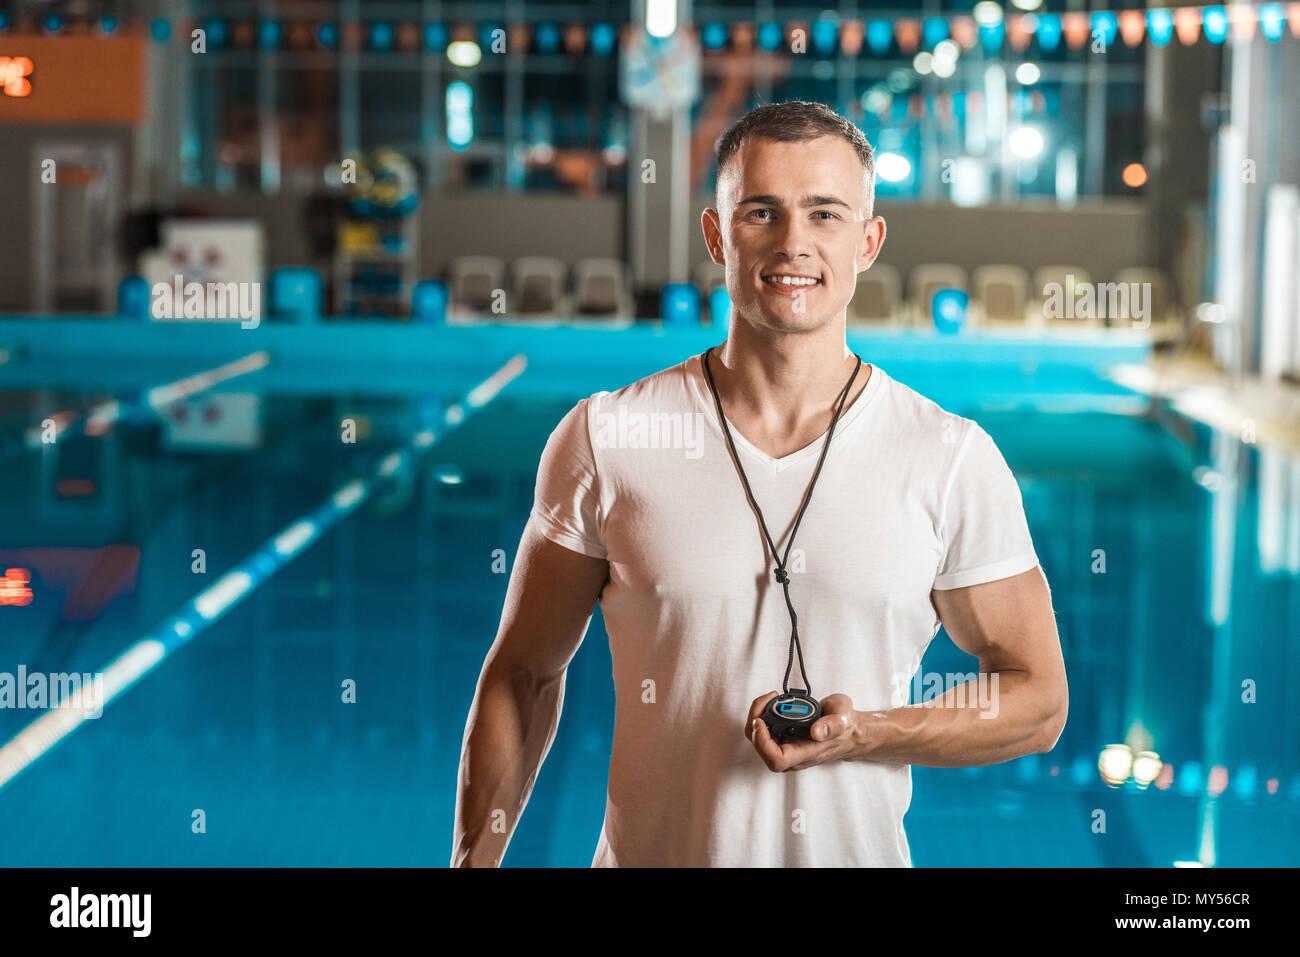 Guapo entrenador de natación con cronómetro en la competencia piscina Imagen De Stock